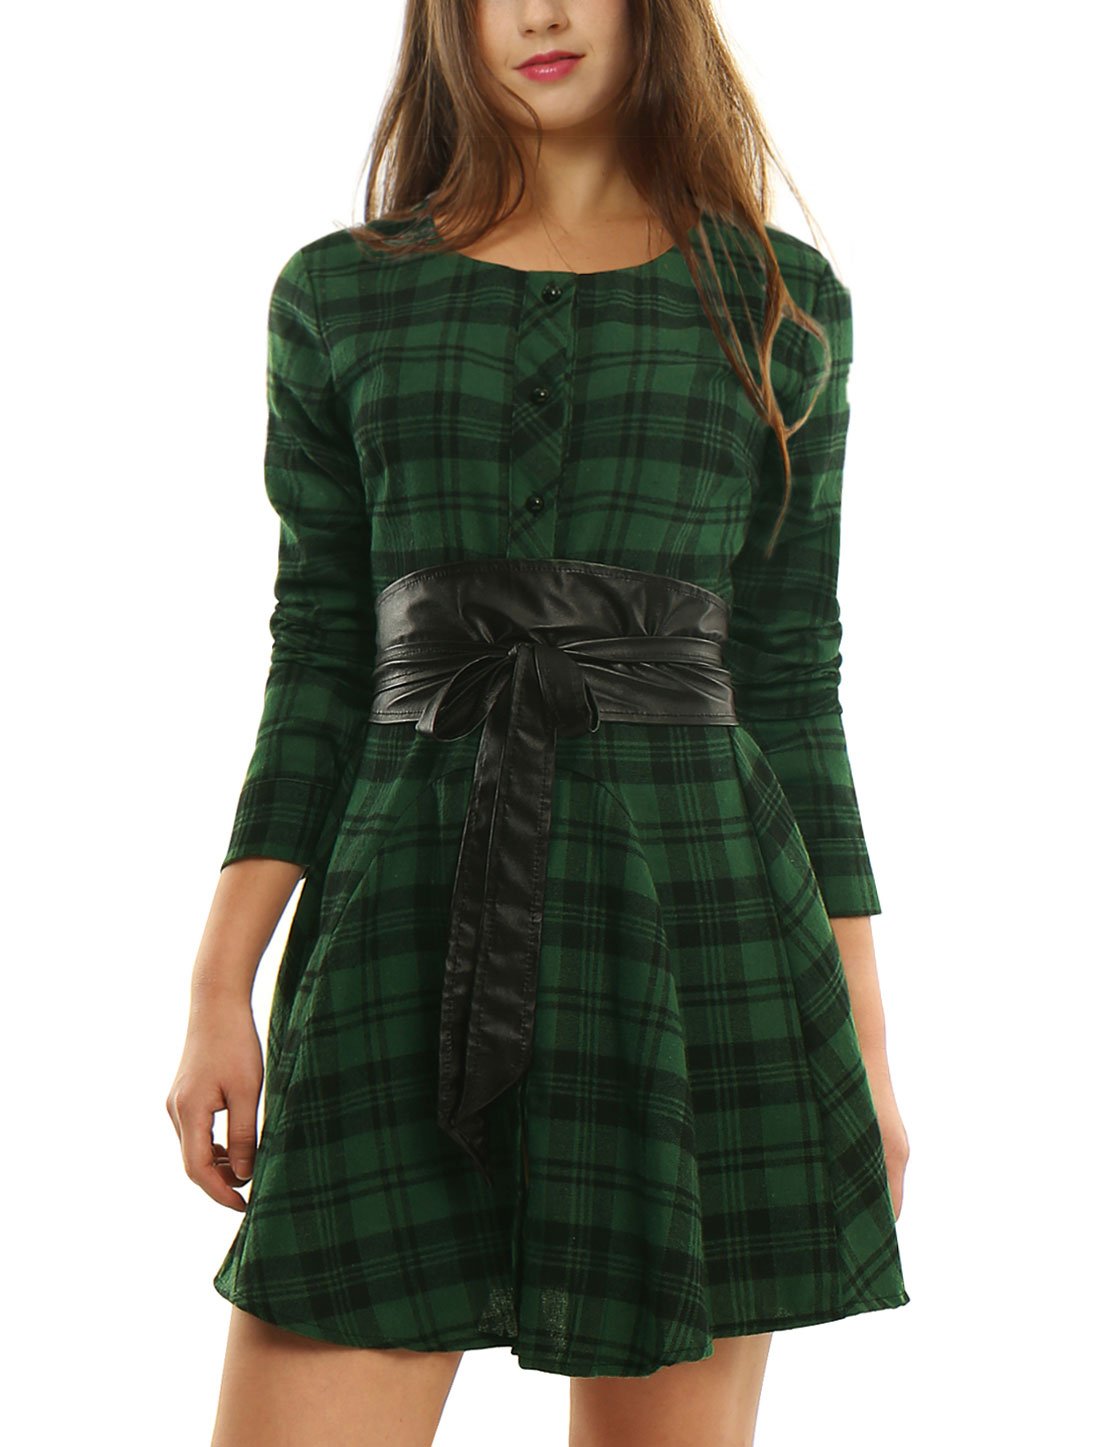 Women Plaids Long Sleeves Belted A Line Shirt Dress Green Black M